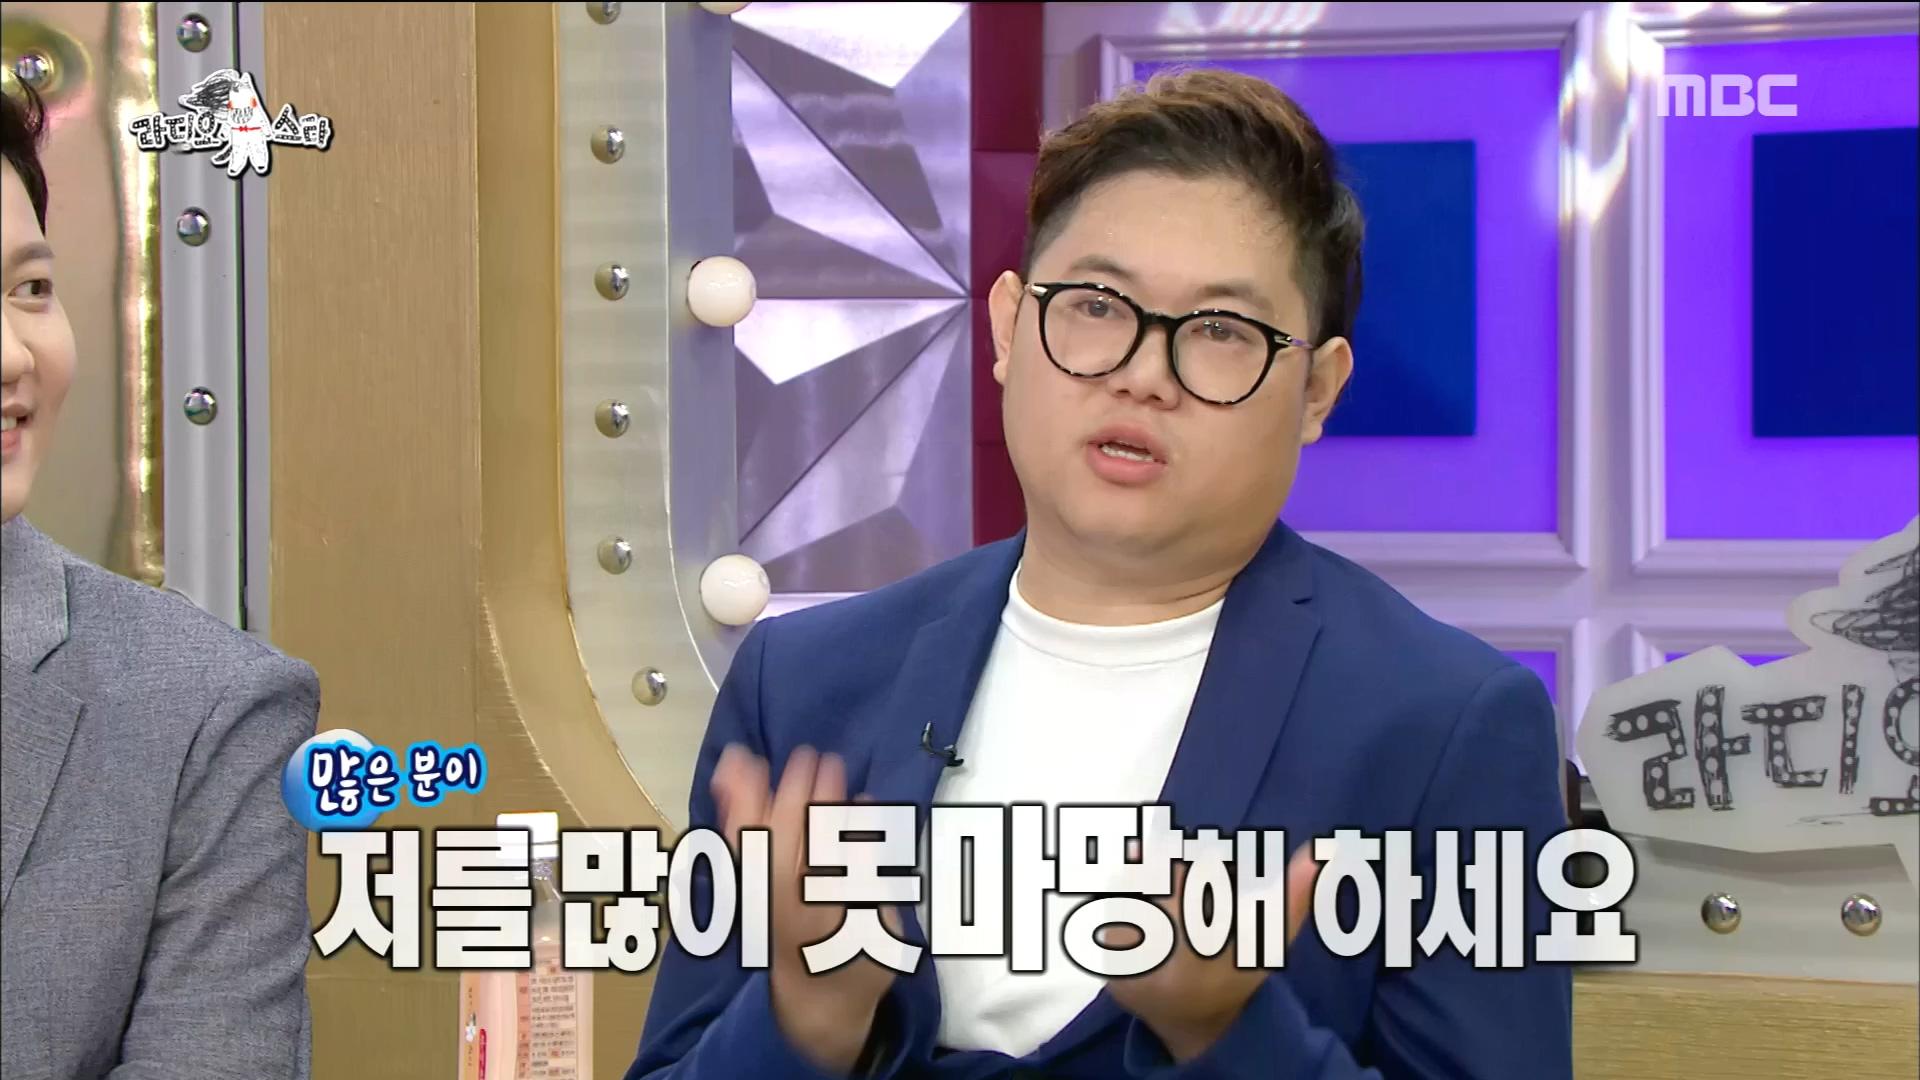 감스트, 해설위원 발탁 논란에 대해 입 열다!